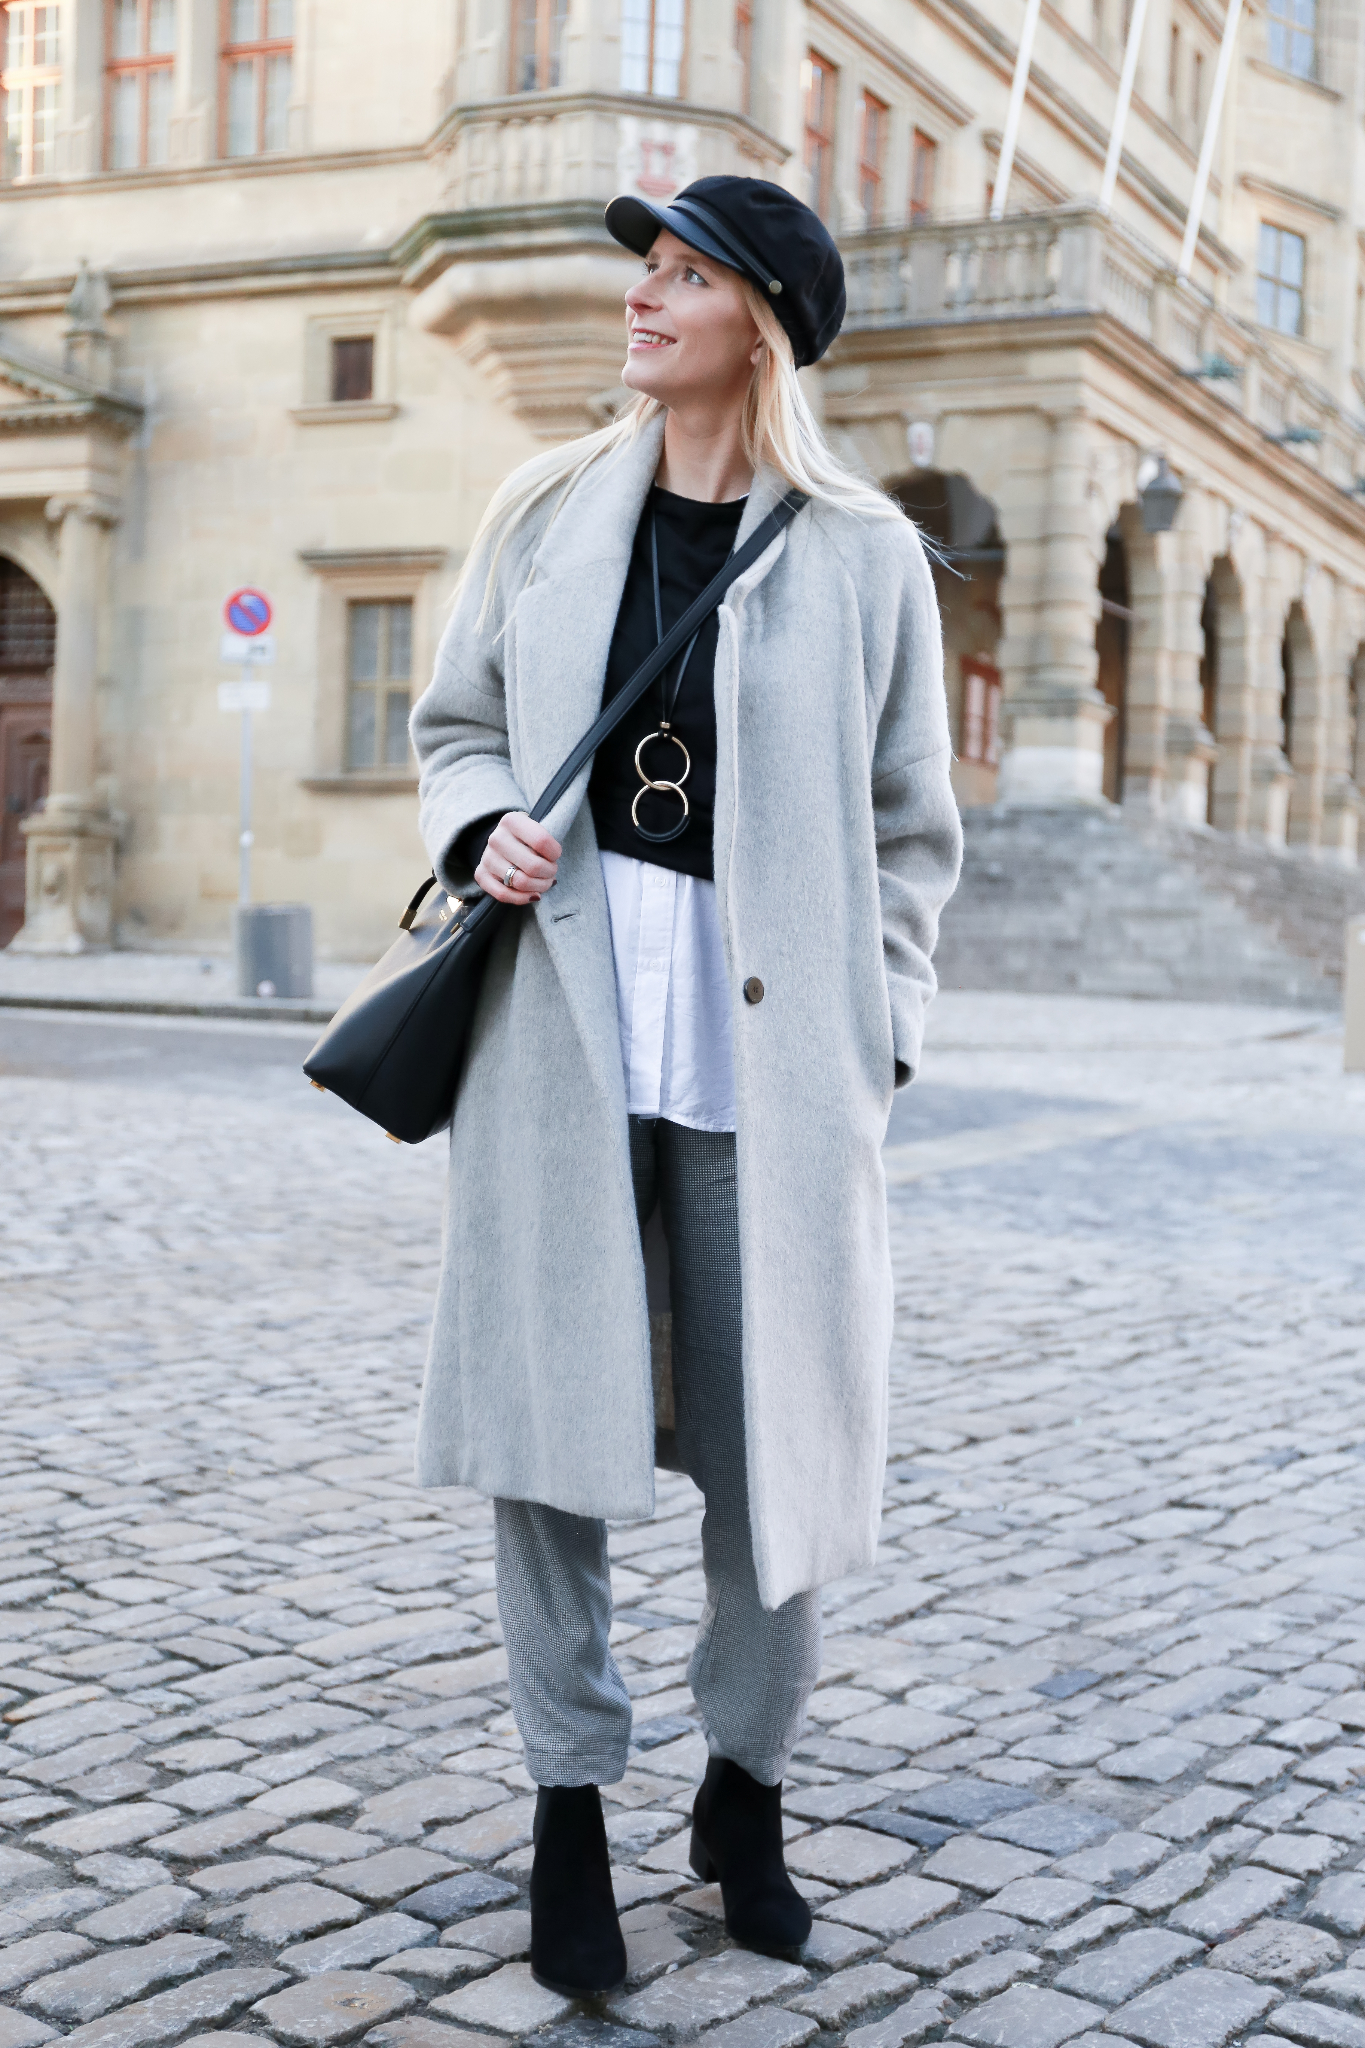 Fashion_Outfit_Michael_Kors_Bucket_Bag-16